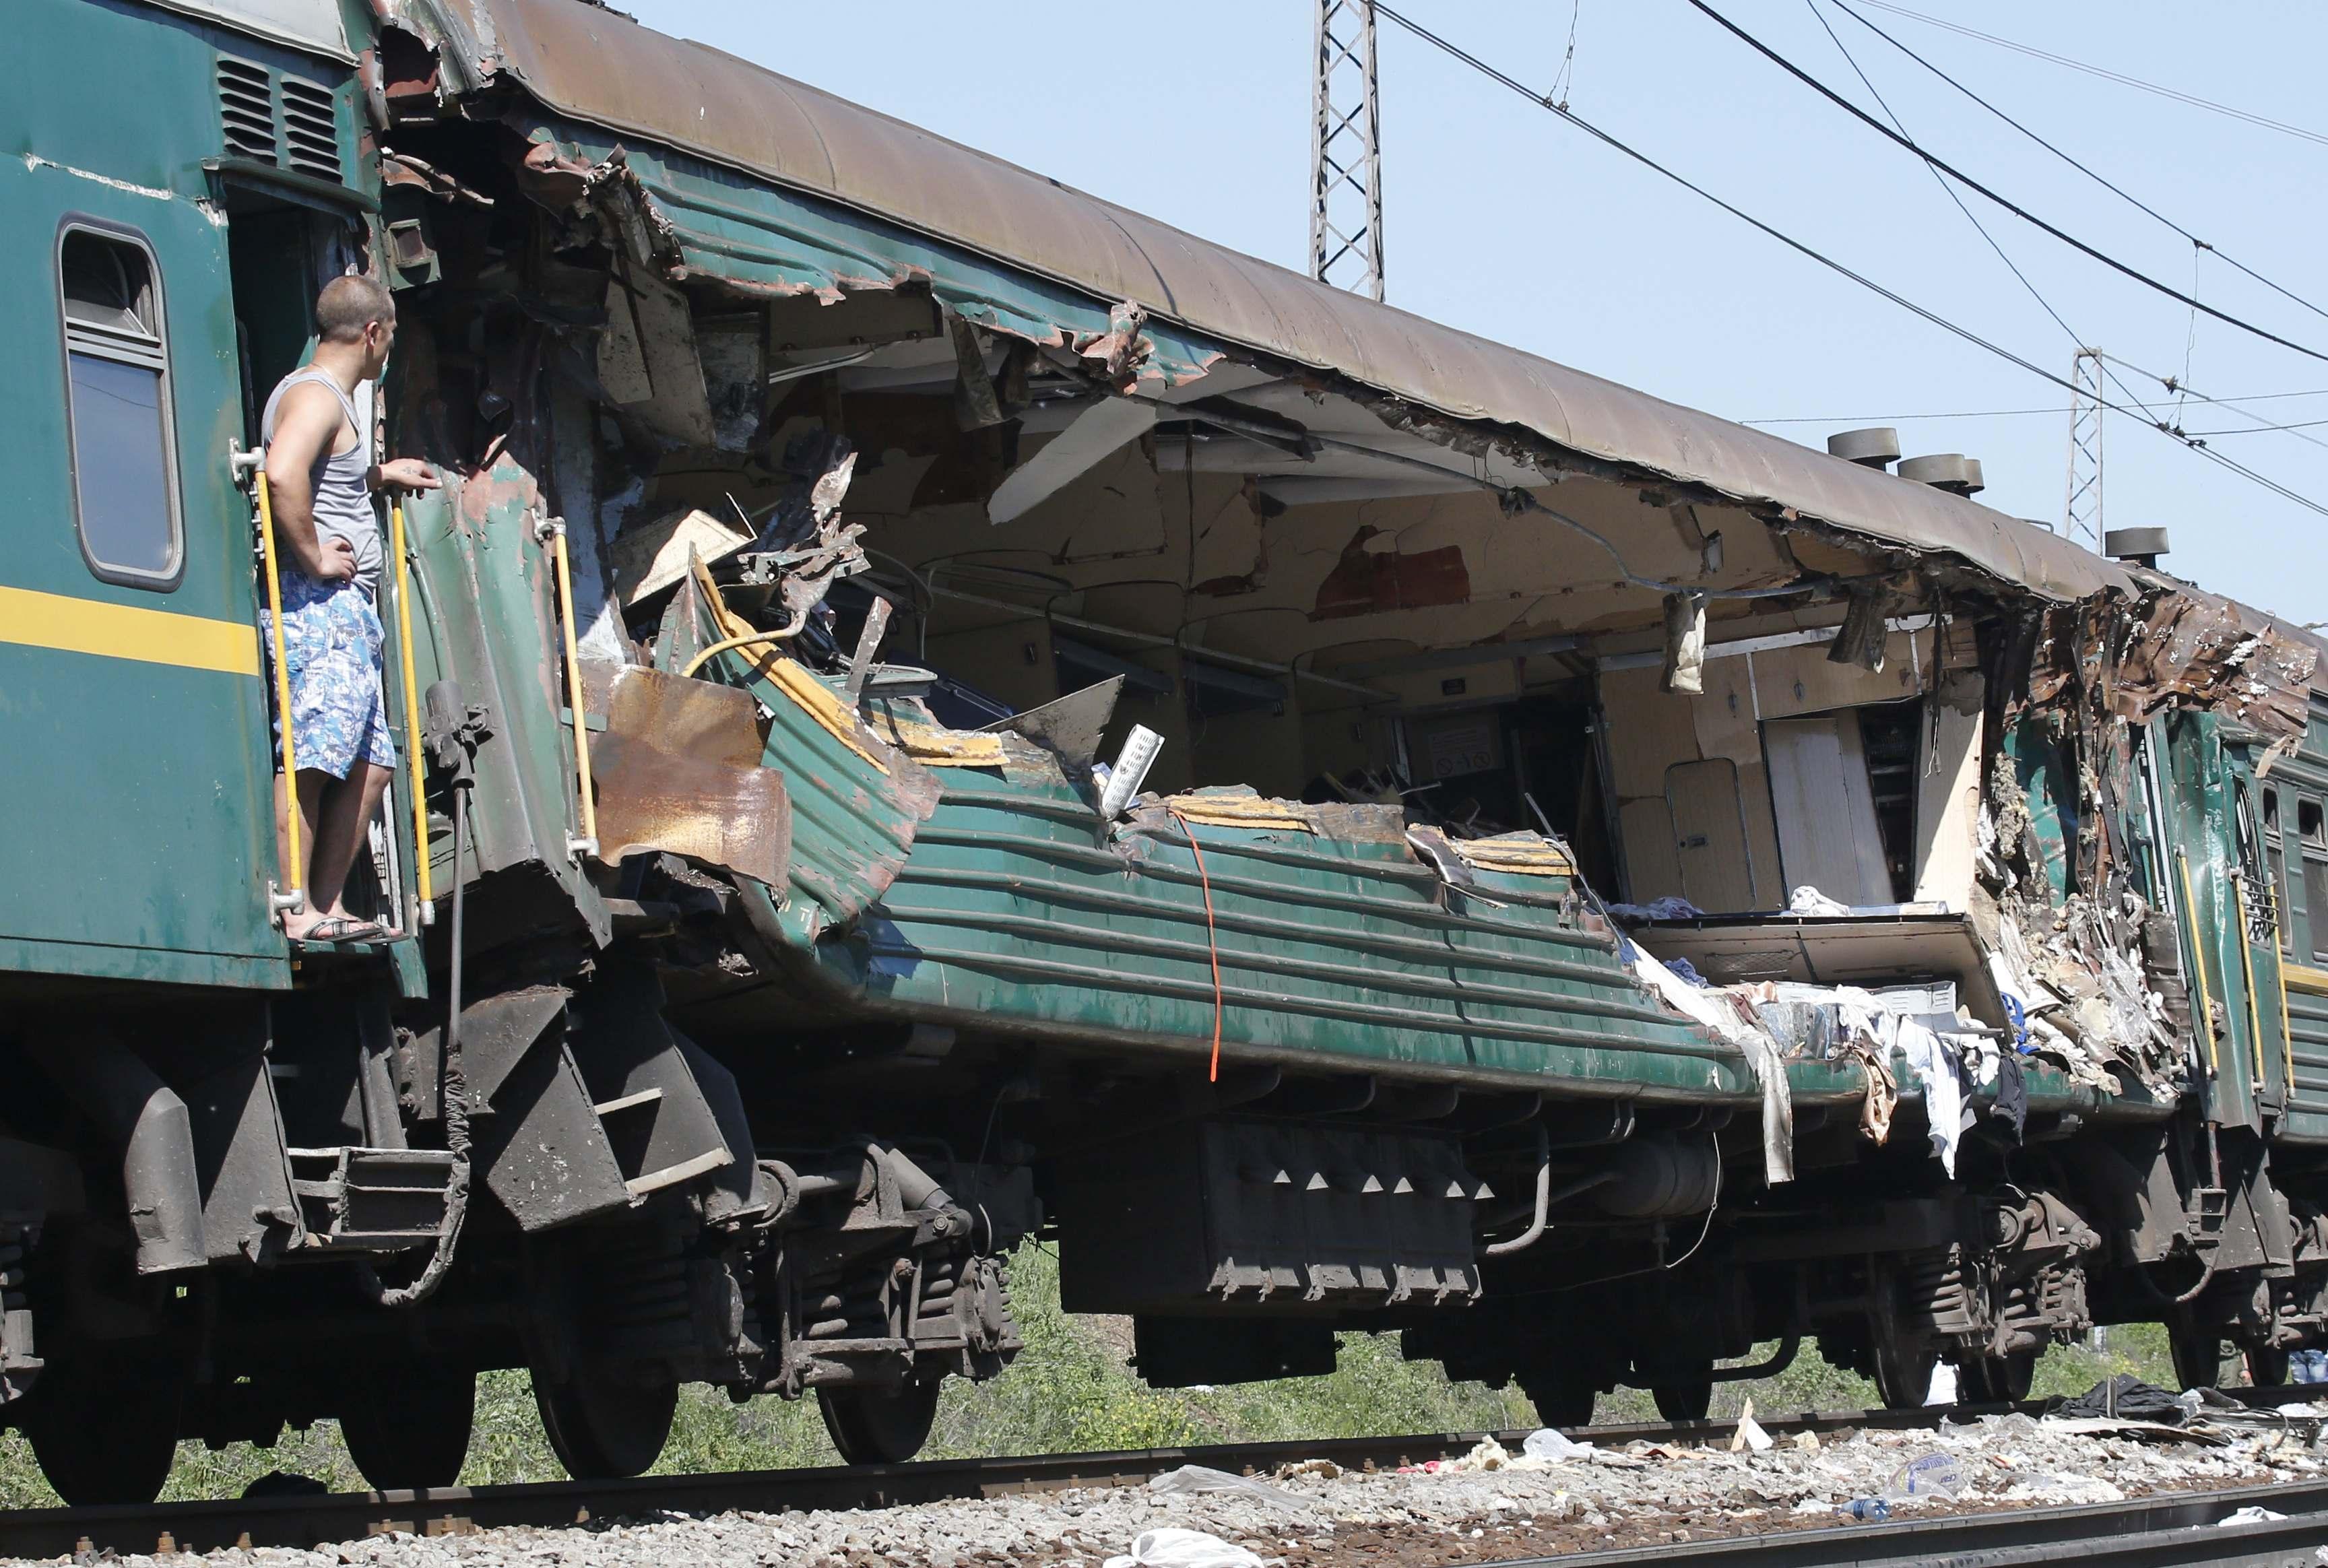 в подмосковье столкнулись грузовой и пассажирский поезда есть жертвы - 7